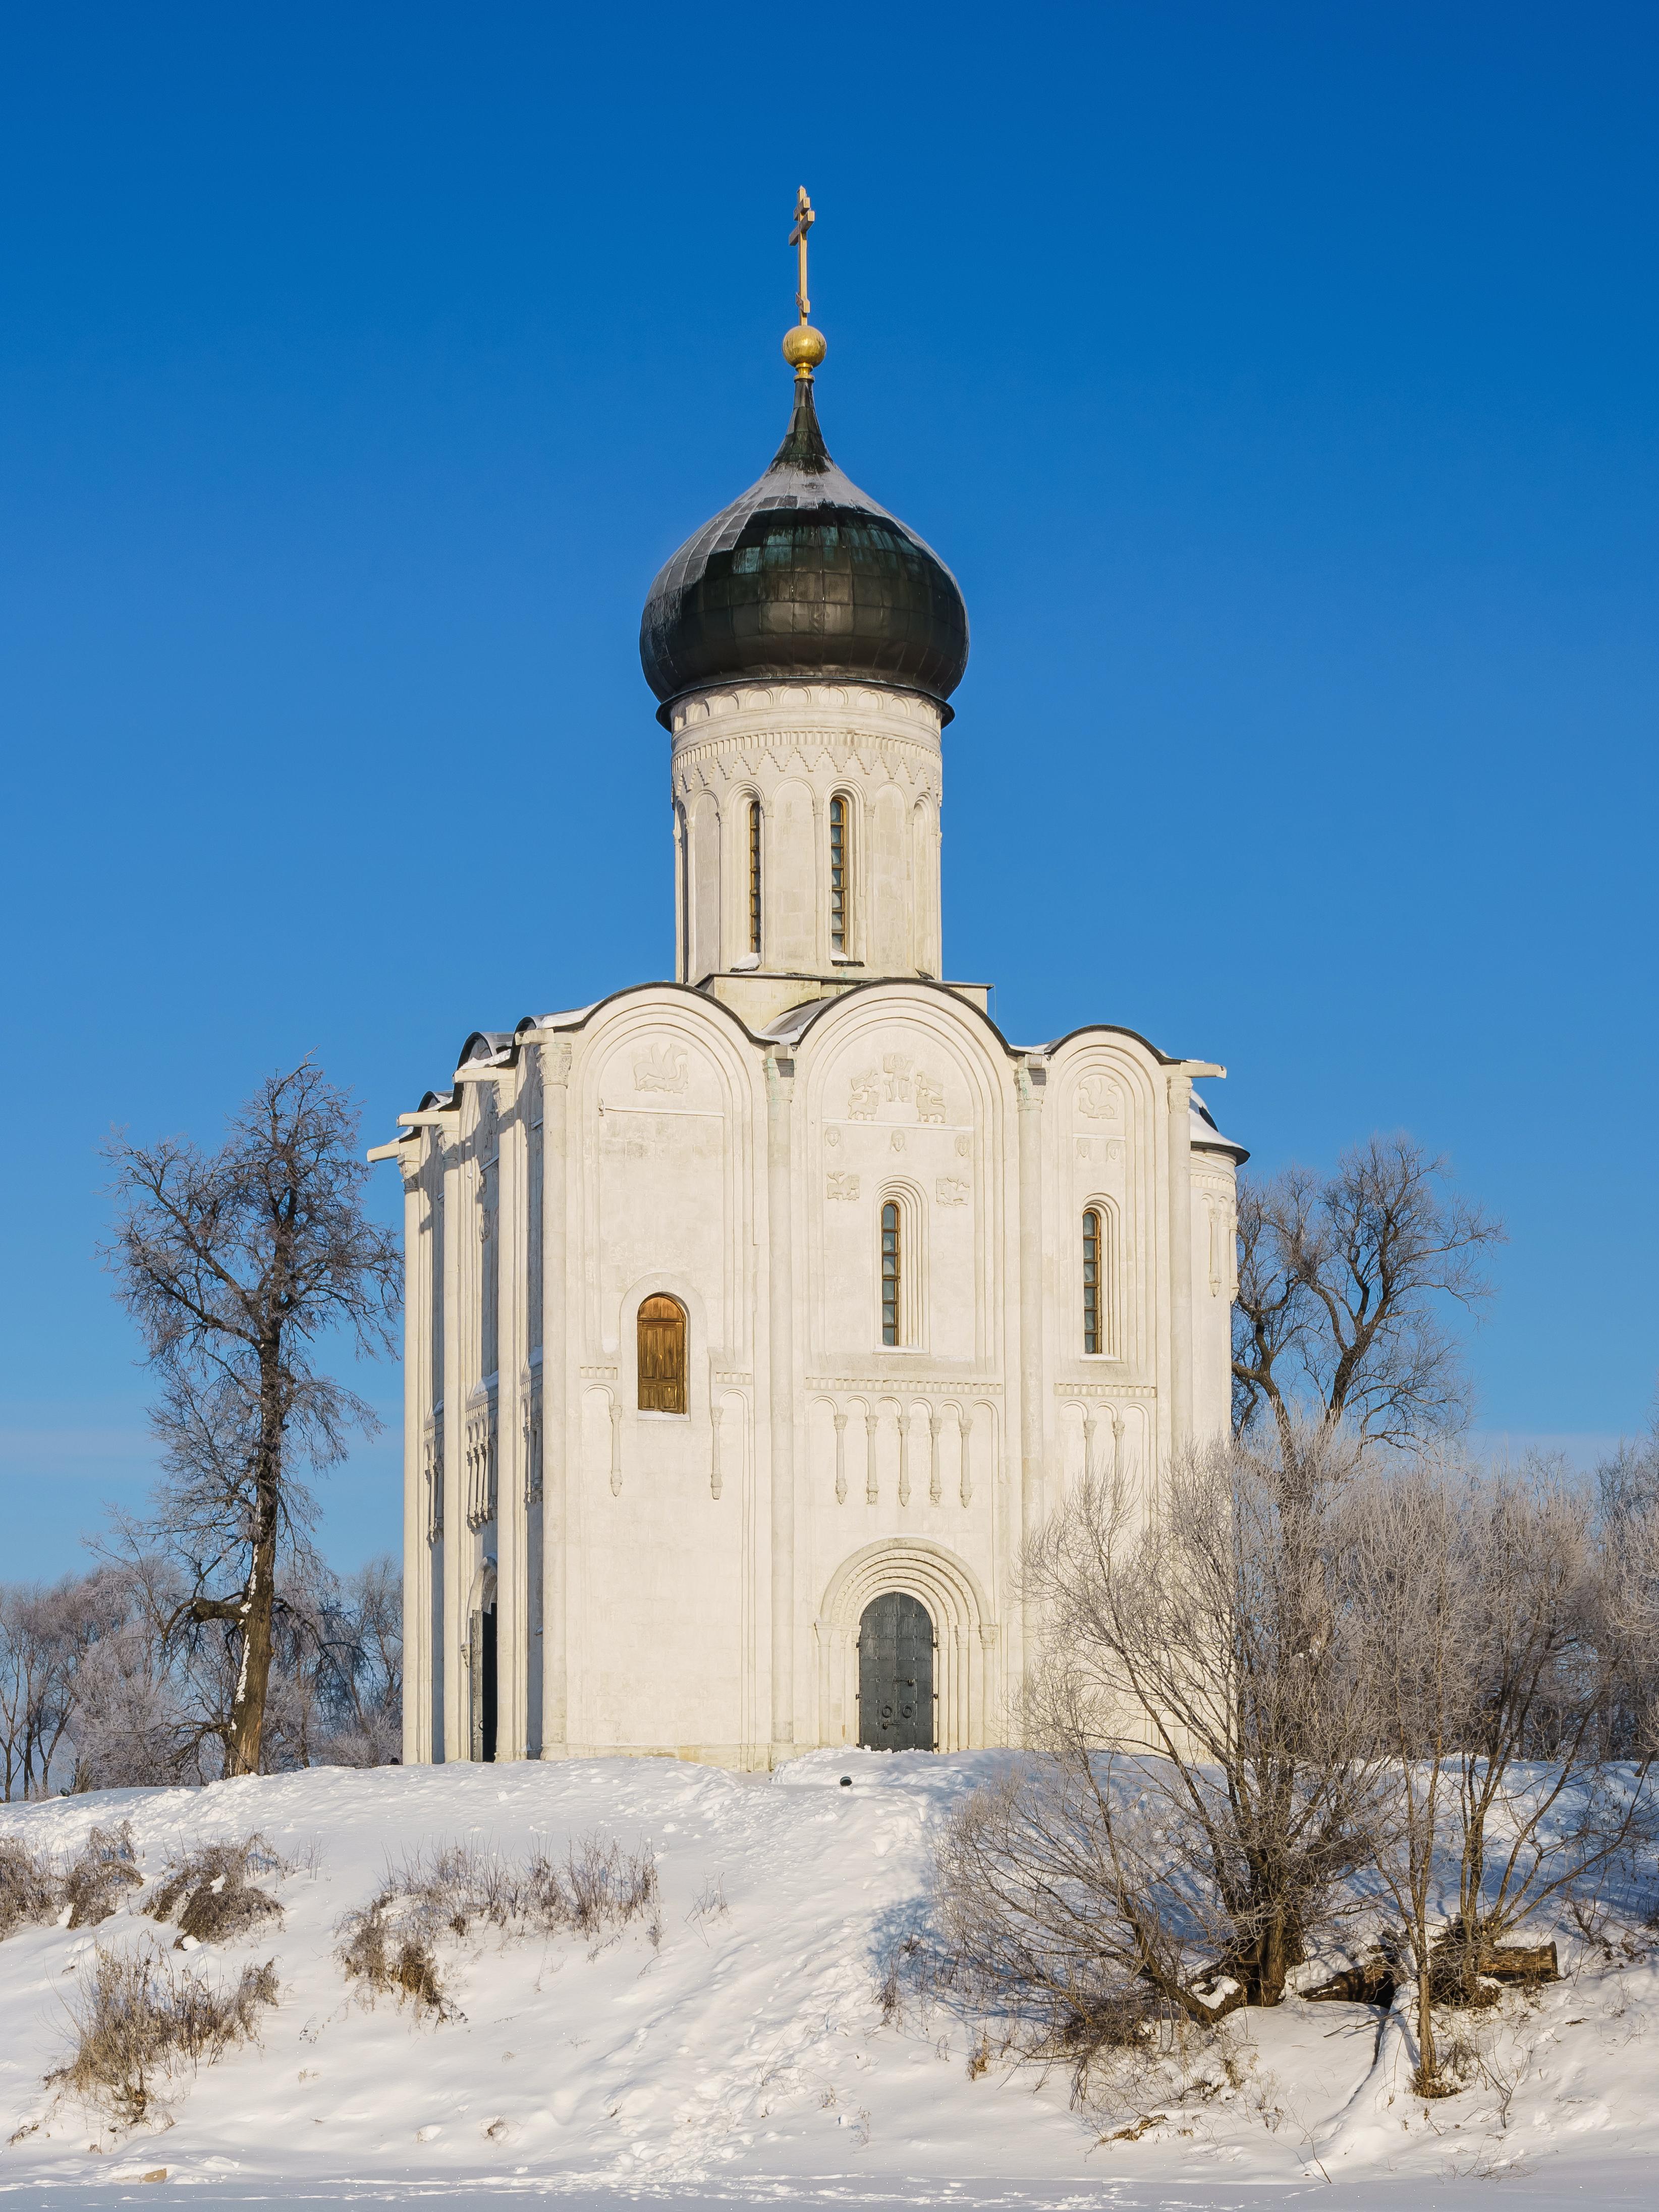 ボゴリュボヴォ - Wikipedia